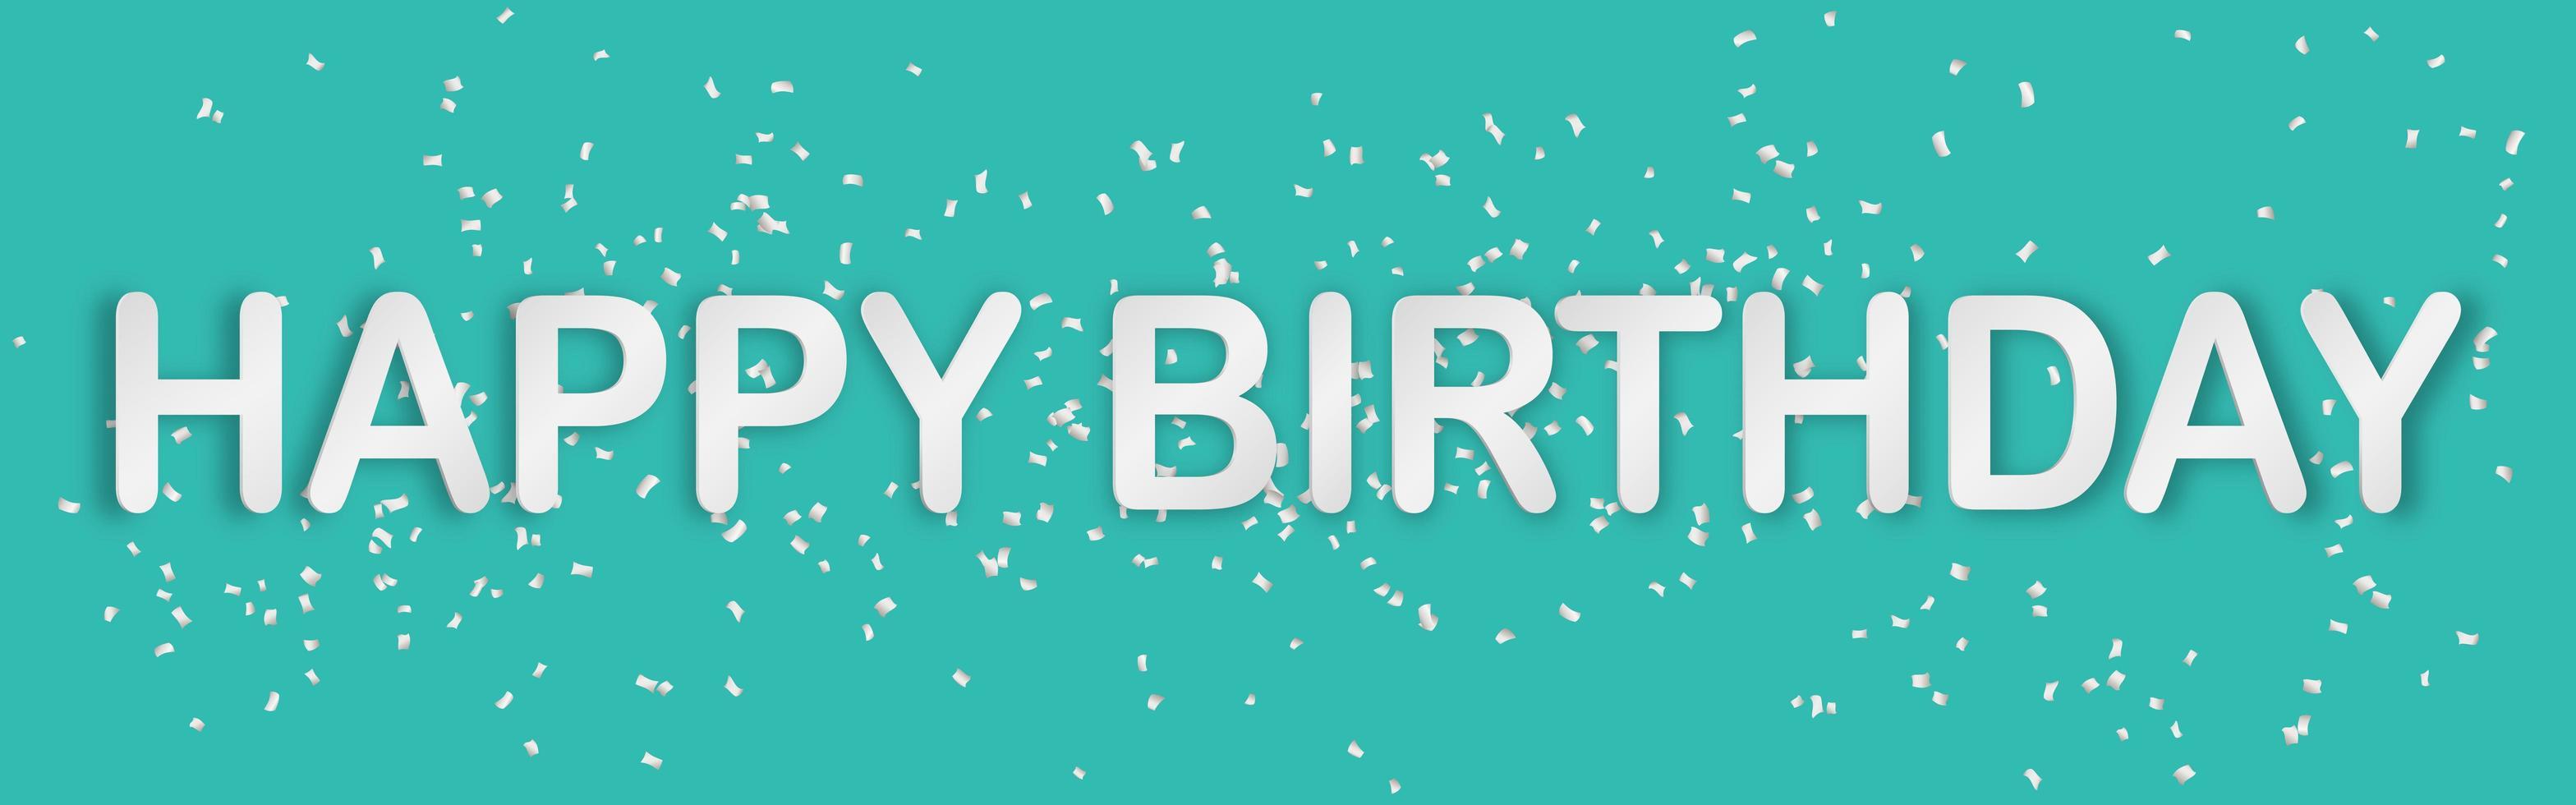 buon compleanno tipografia carta stile arte banner con coriandoli vettore